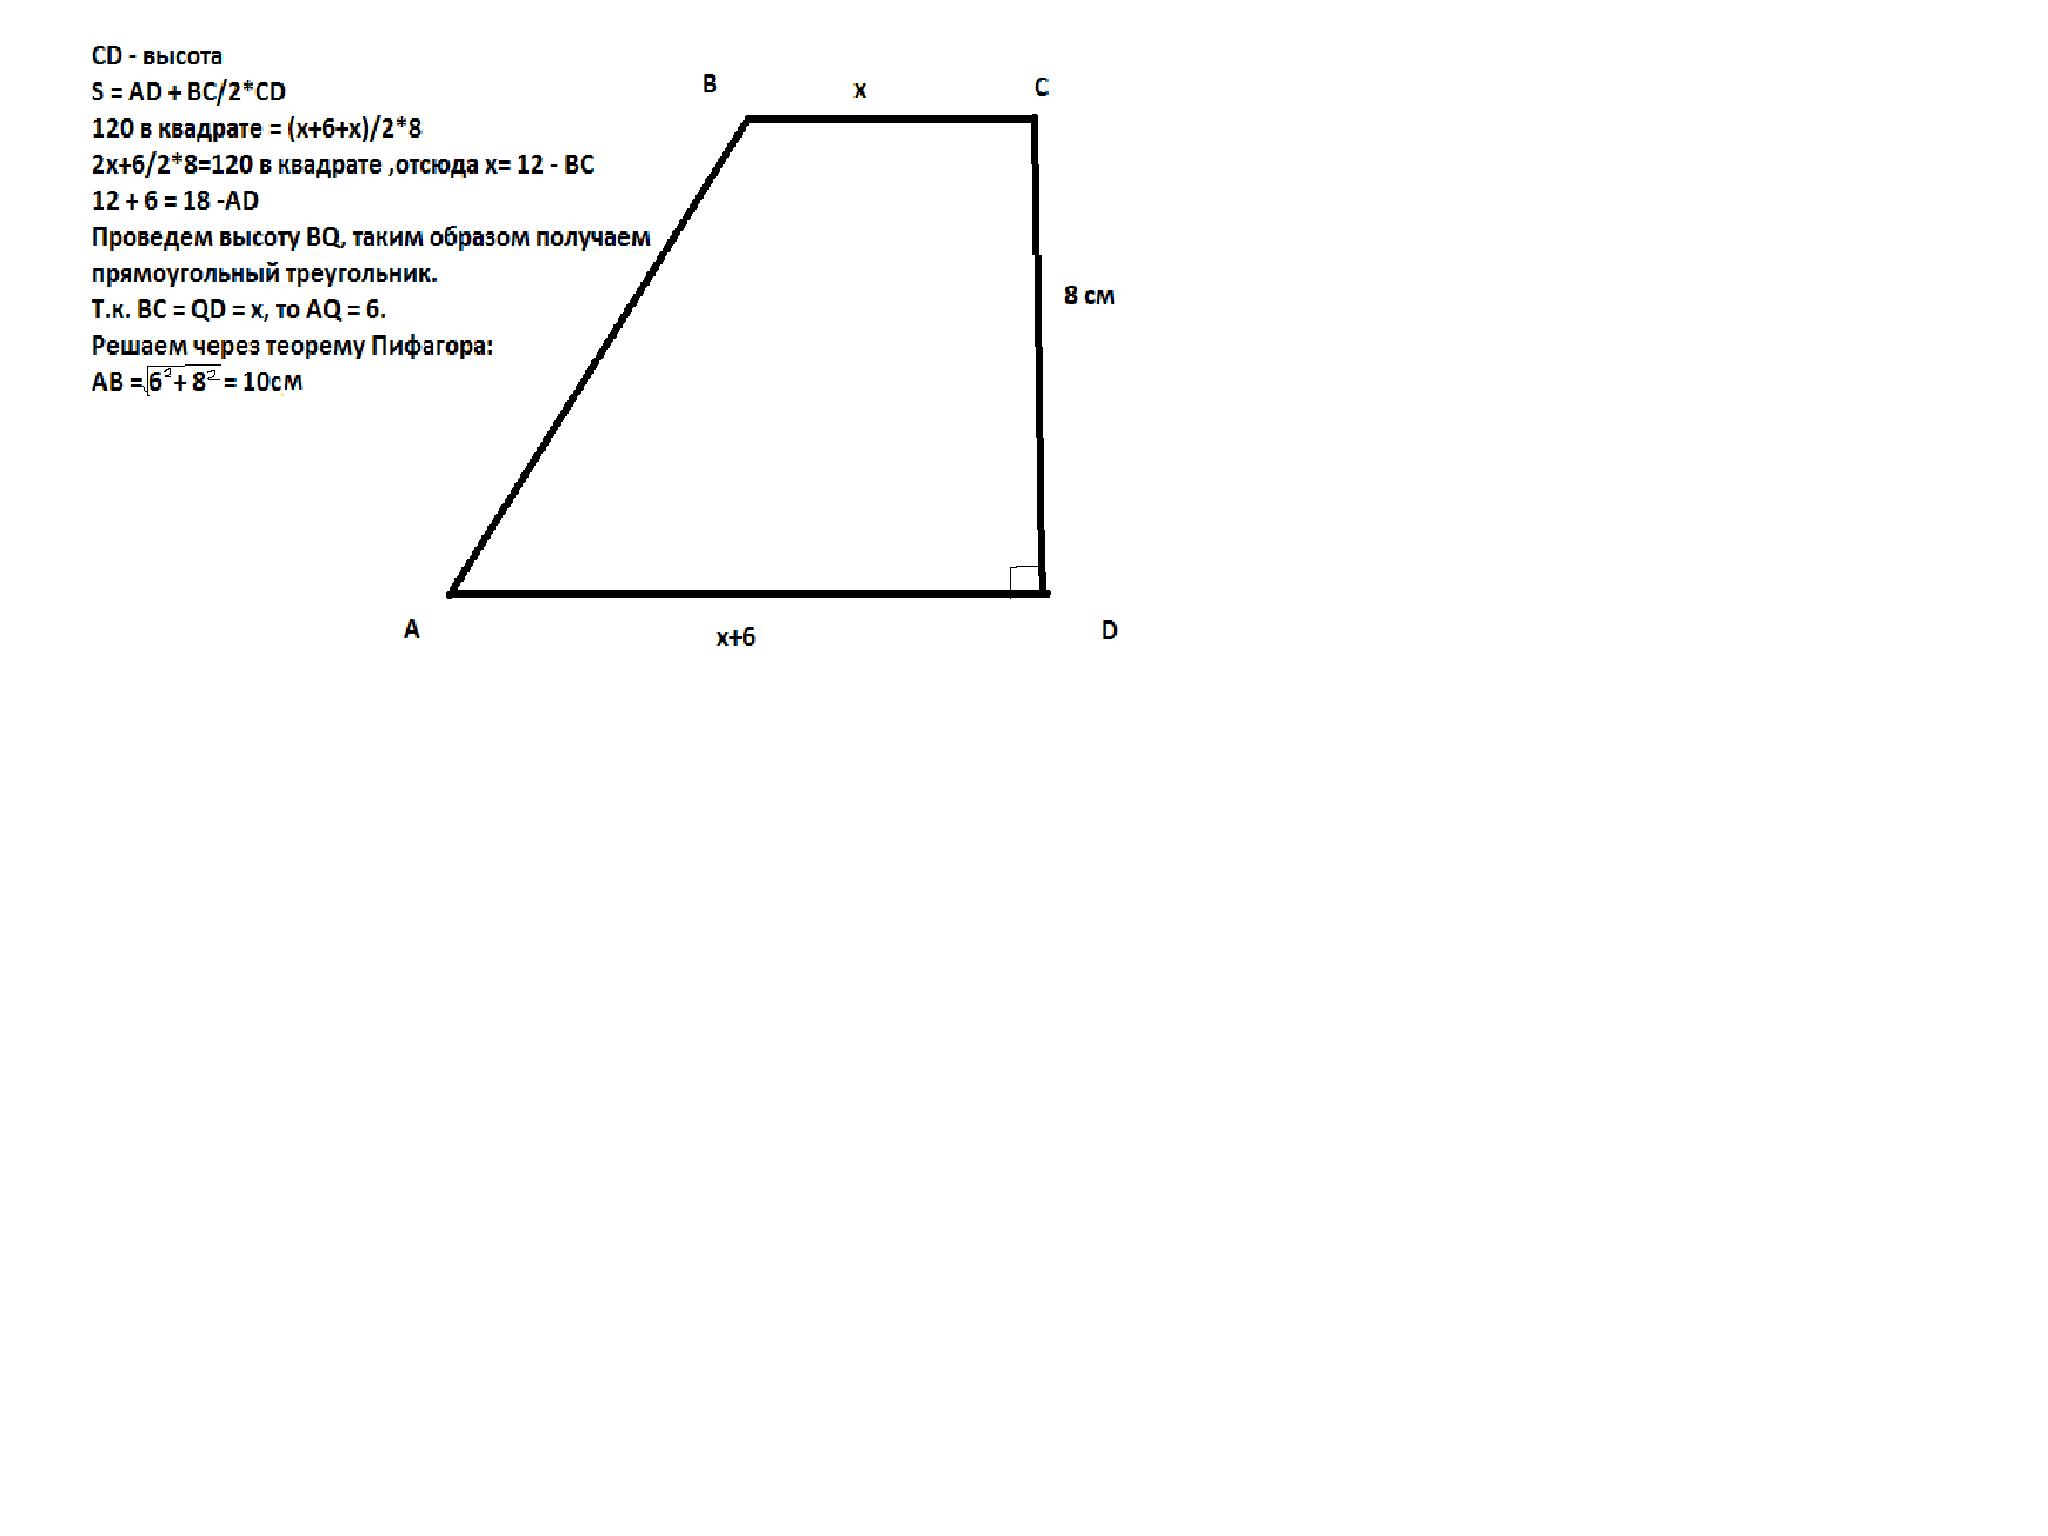 площадь прямоугольной трапеции равна